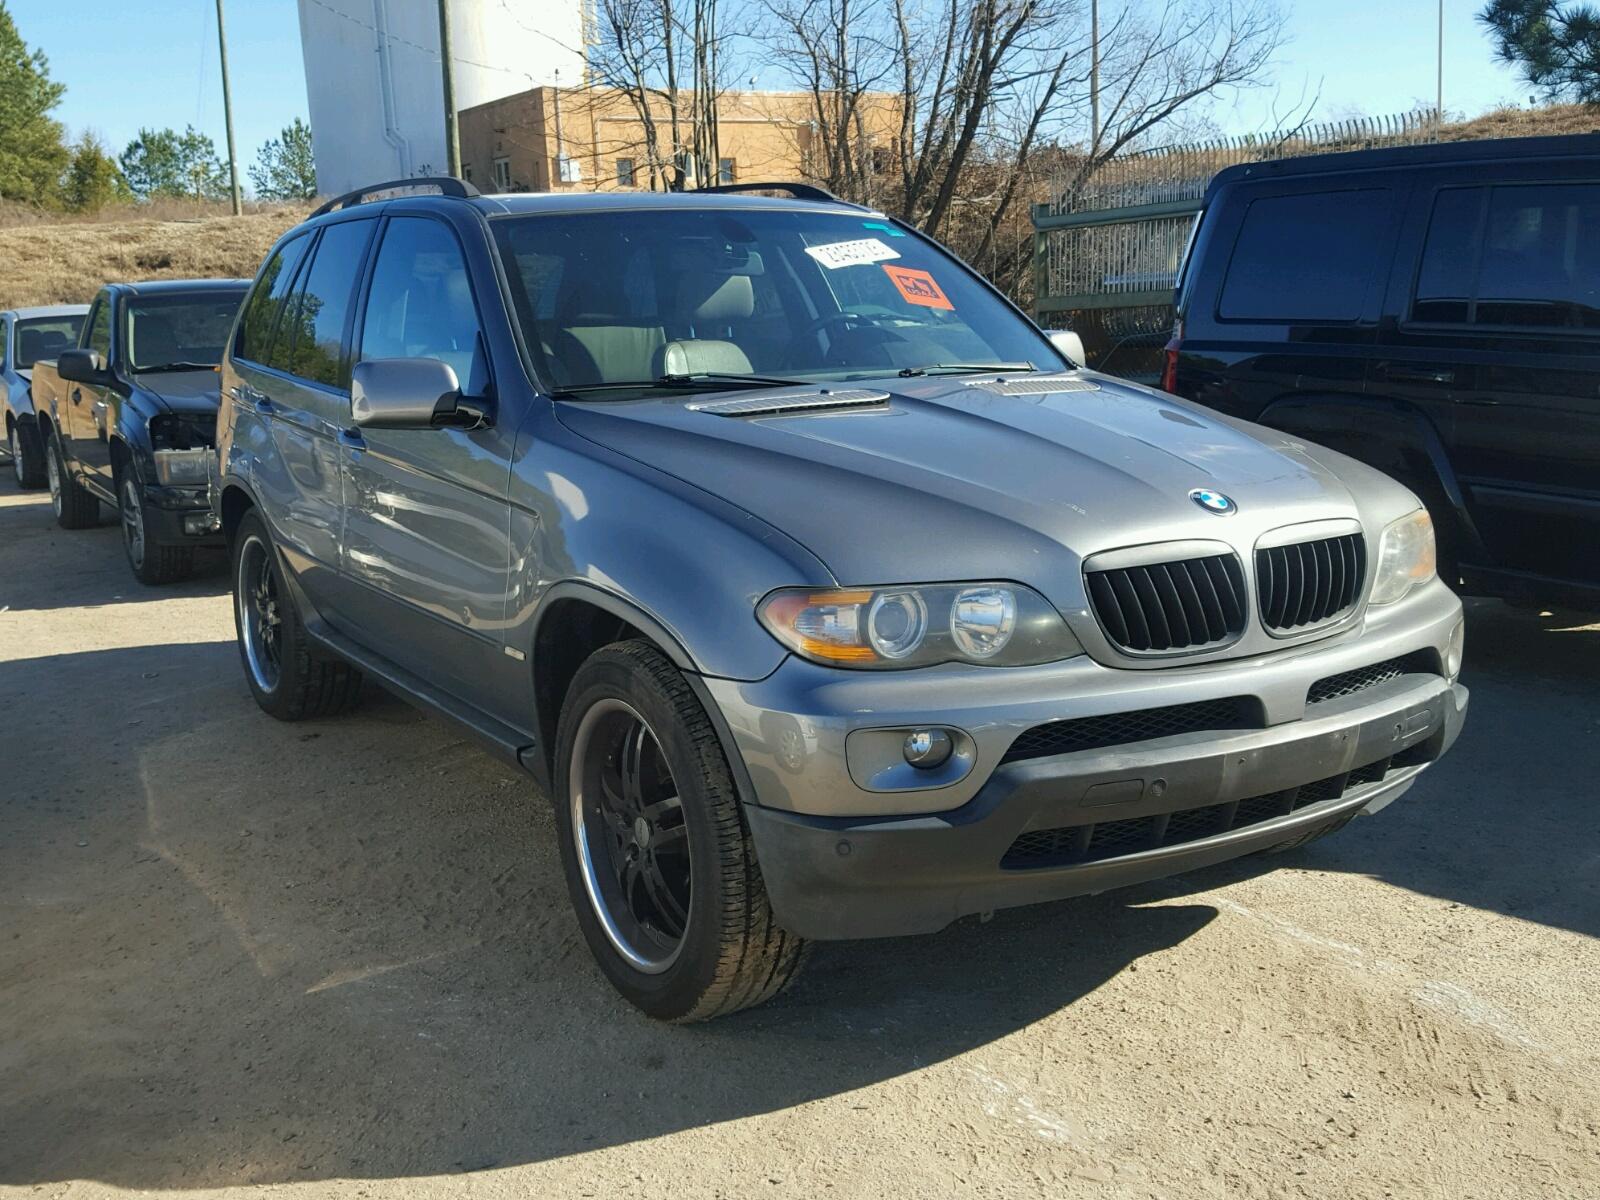 2005 BMW X5 4.4I 4.4L